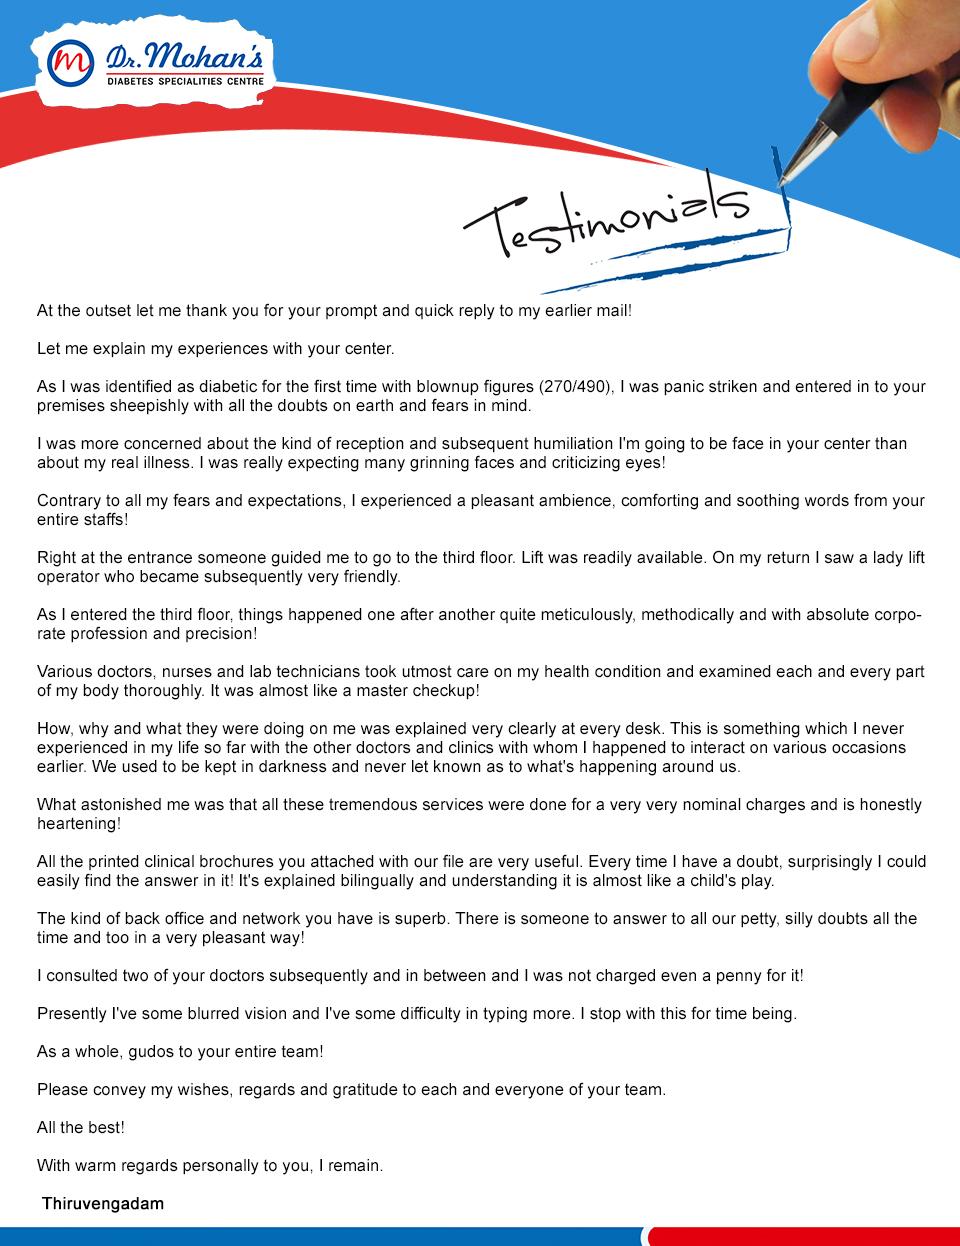 mr-thiruvengadam-testimonial